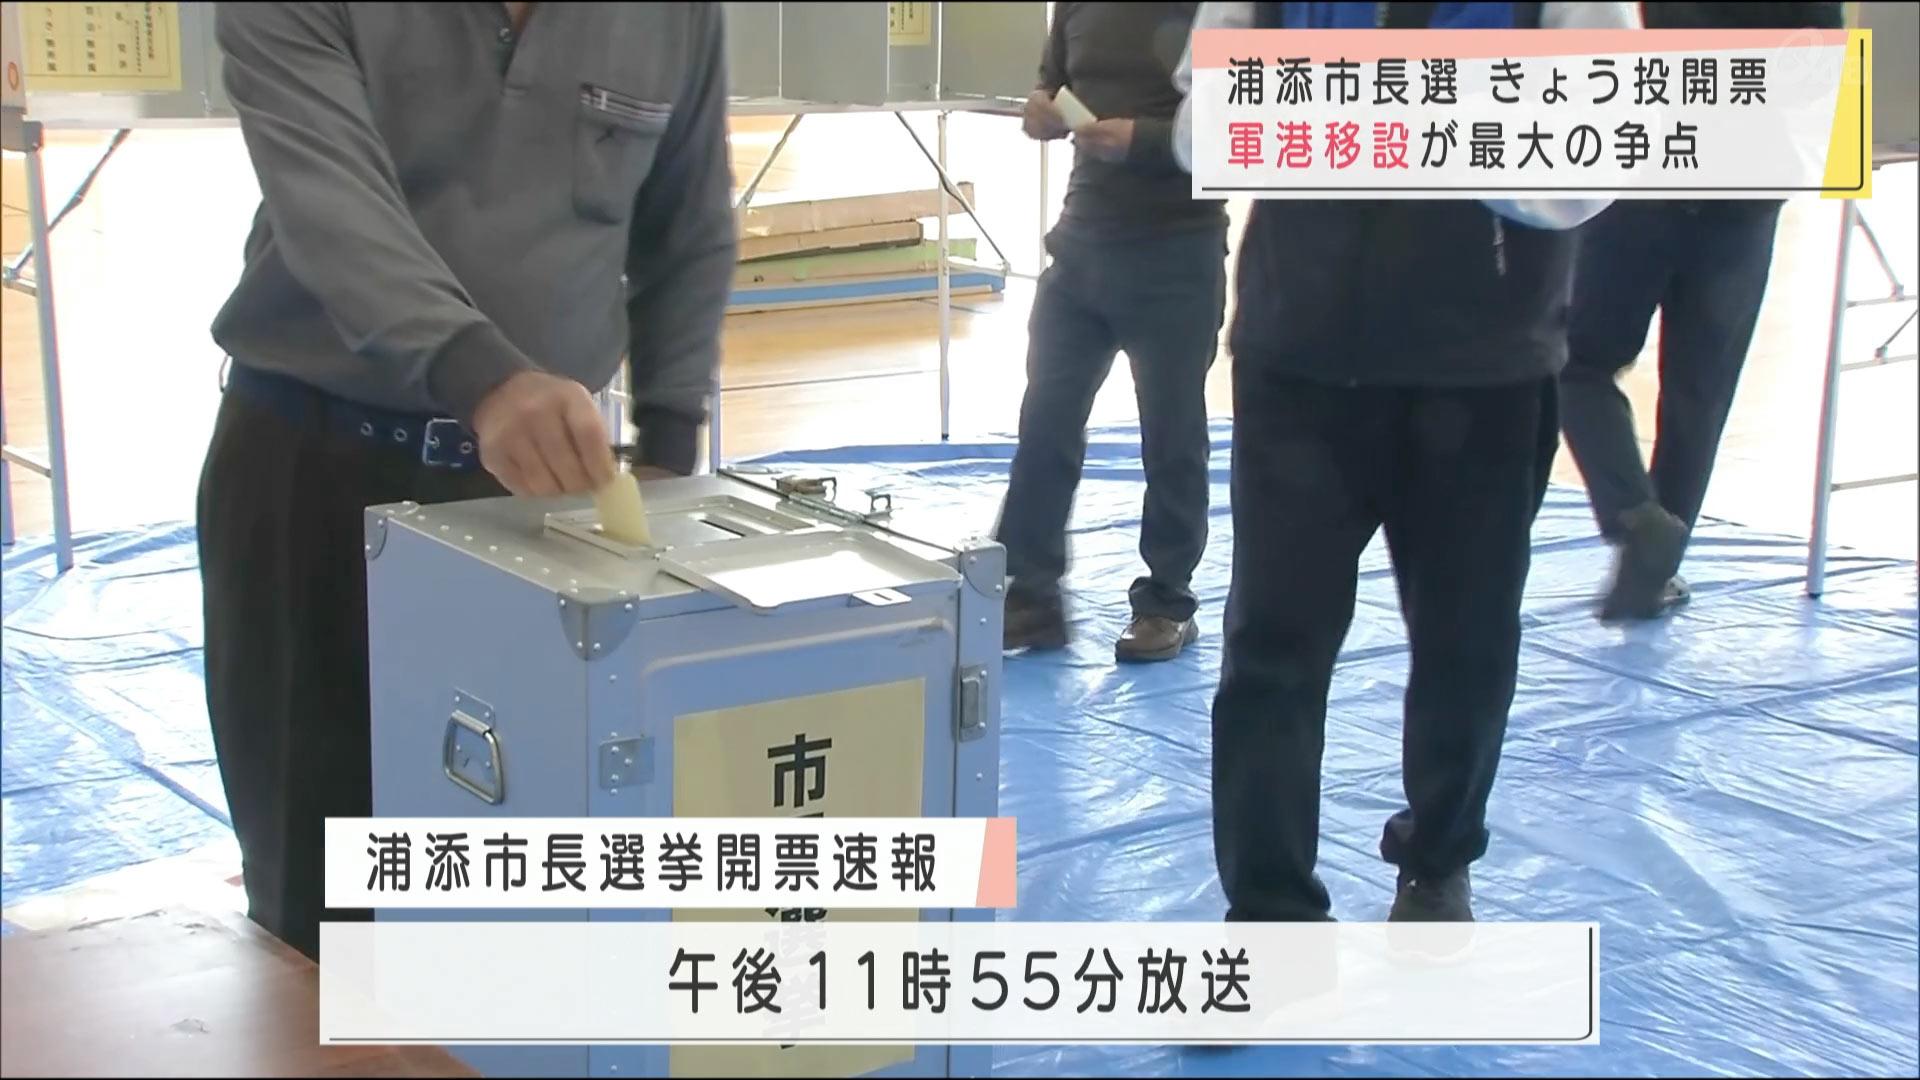 市長 選挙 2021 浦添